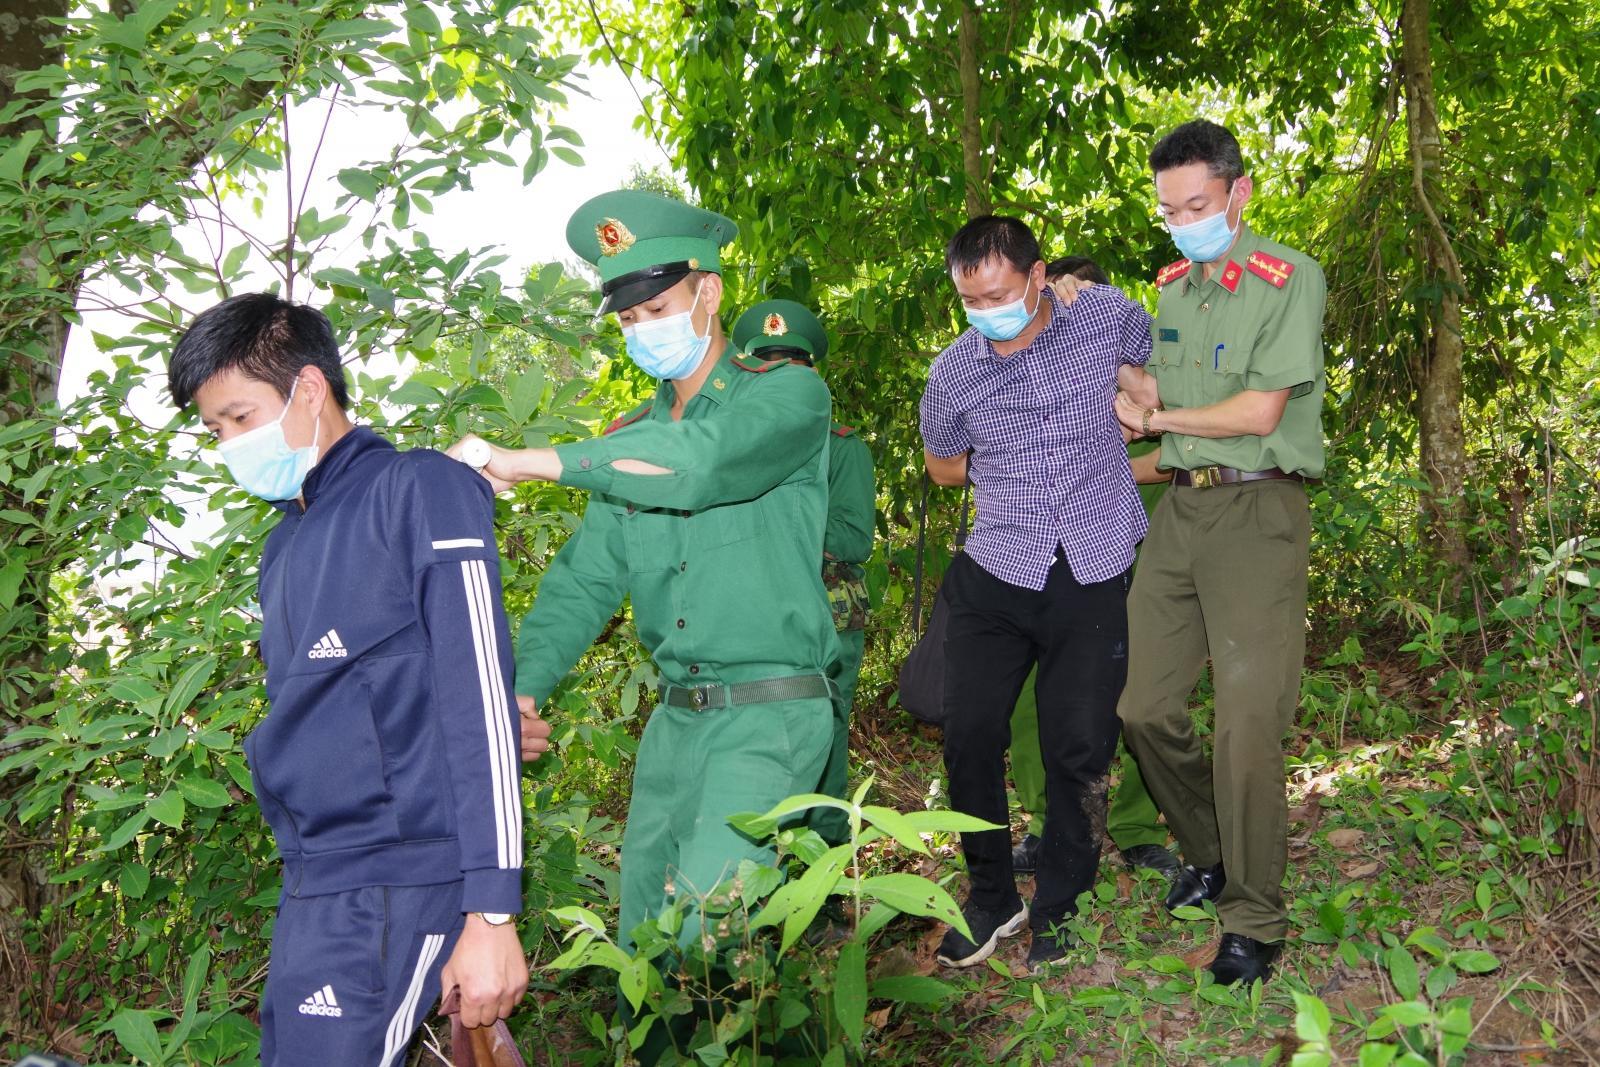 Điện Biên: 25 người bị bắt giữ vì tổ chức xuất cảnh và xuất cảnh trái phép Ảnh 1